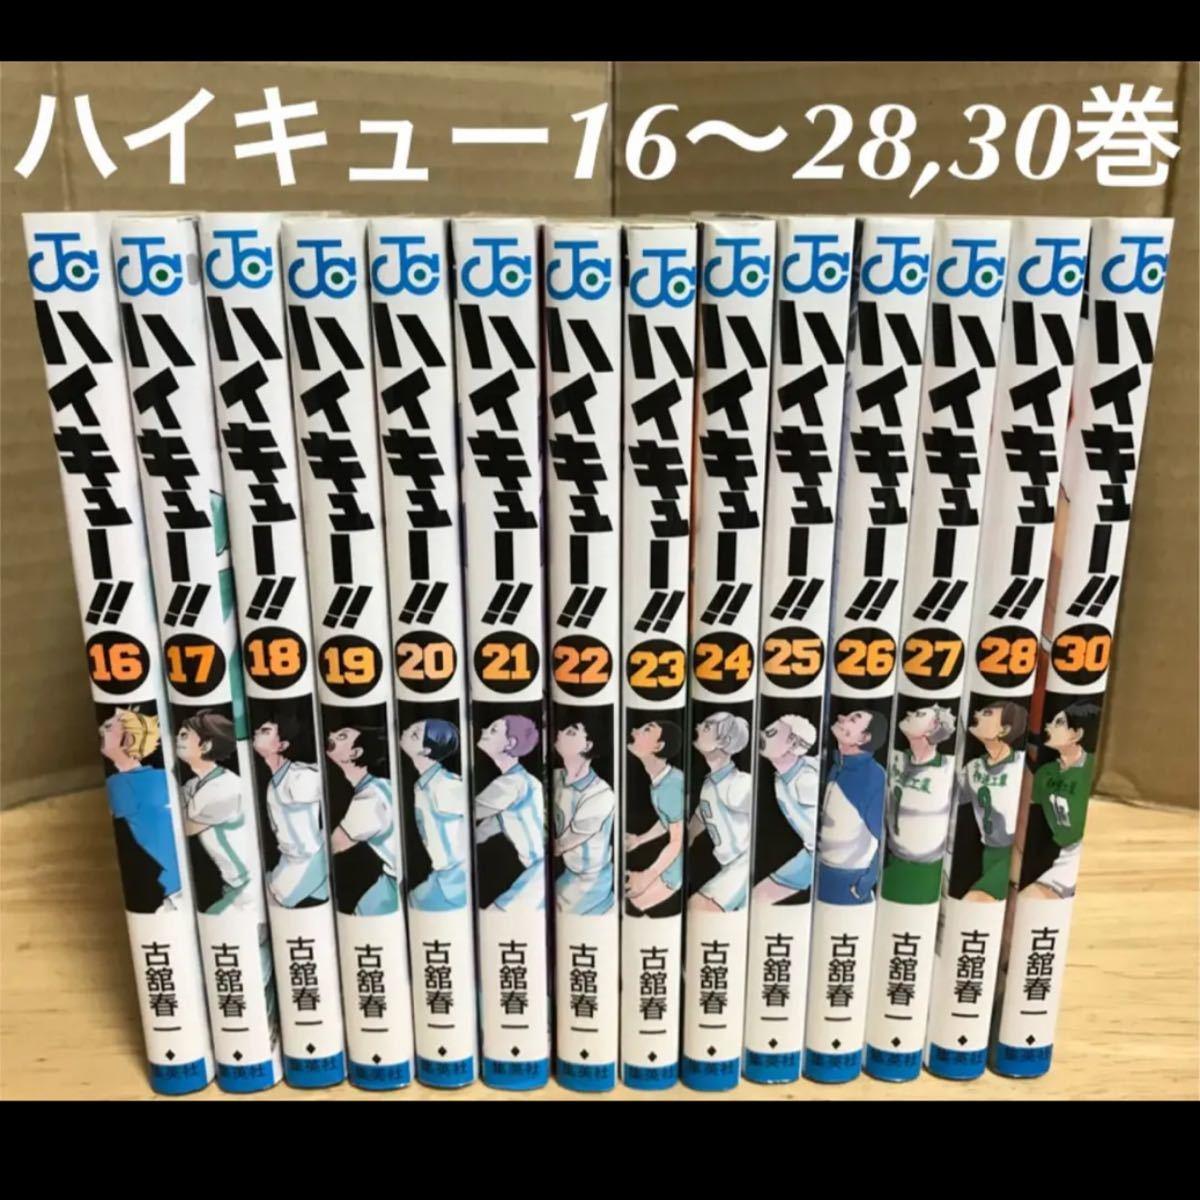 ハイキュー漫画 16〜28巻 30巻 14冊 非全巻セット 古舘春一 ハイキュー